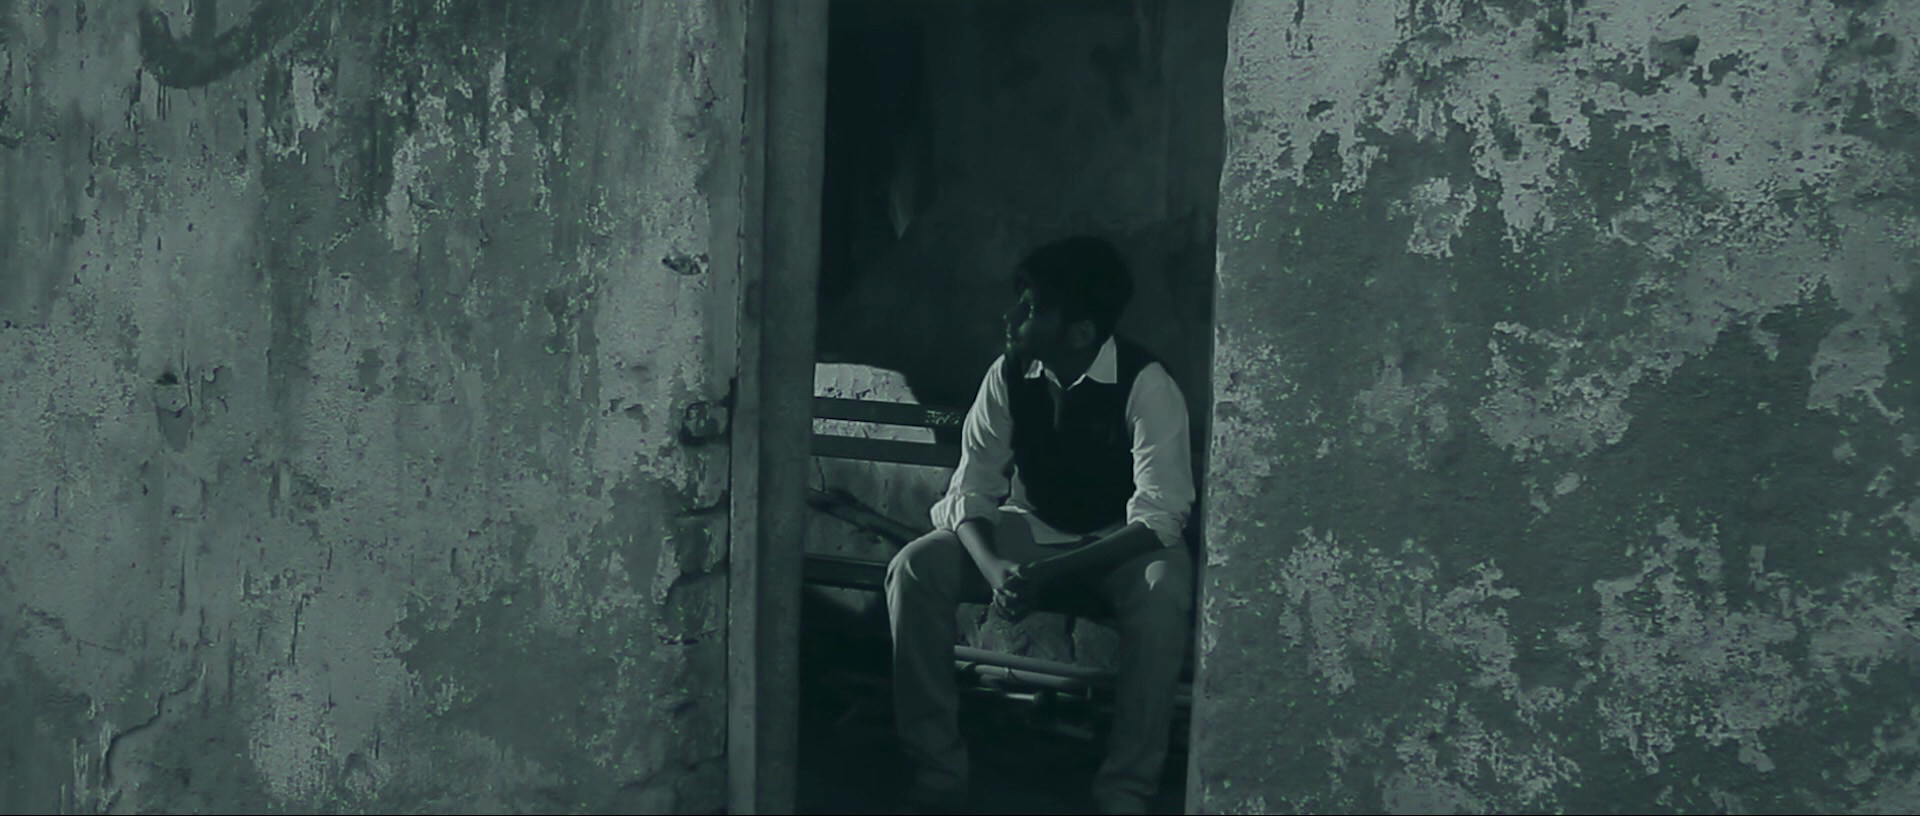 Redrum (2018) Hindi - 1080p - WEB-DL - DD5.1 - H264-NG